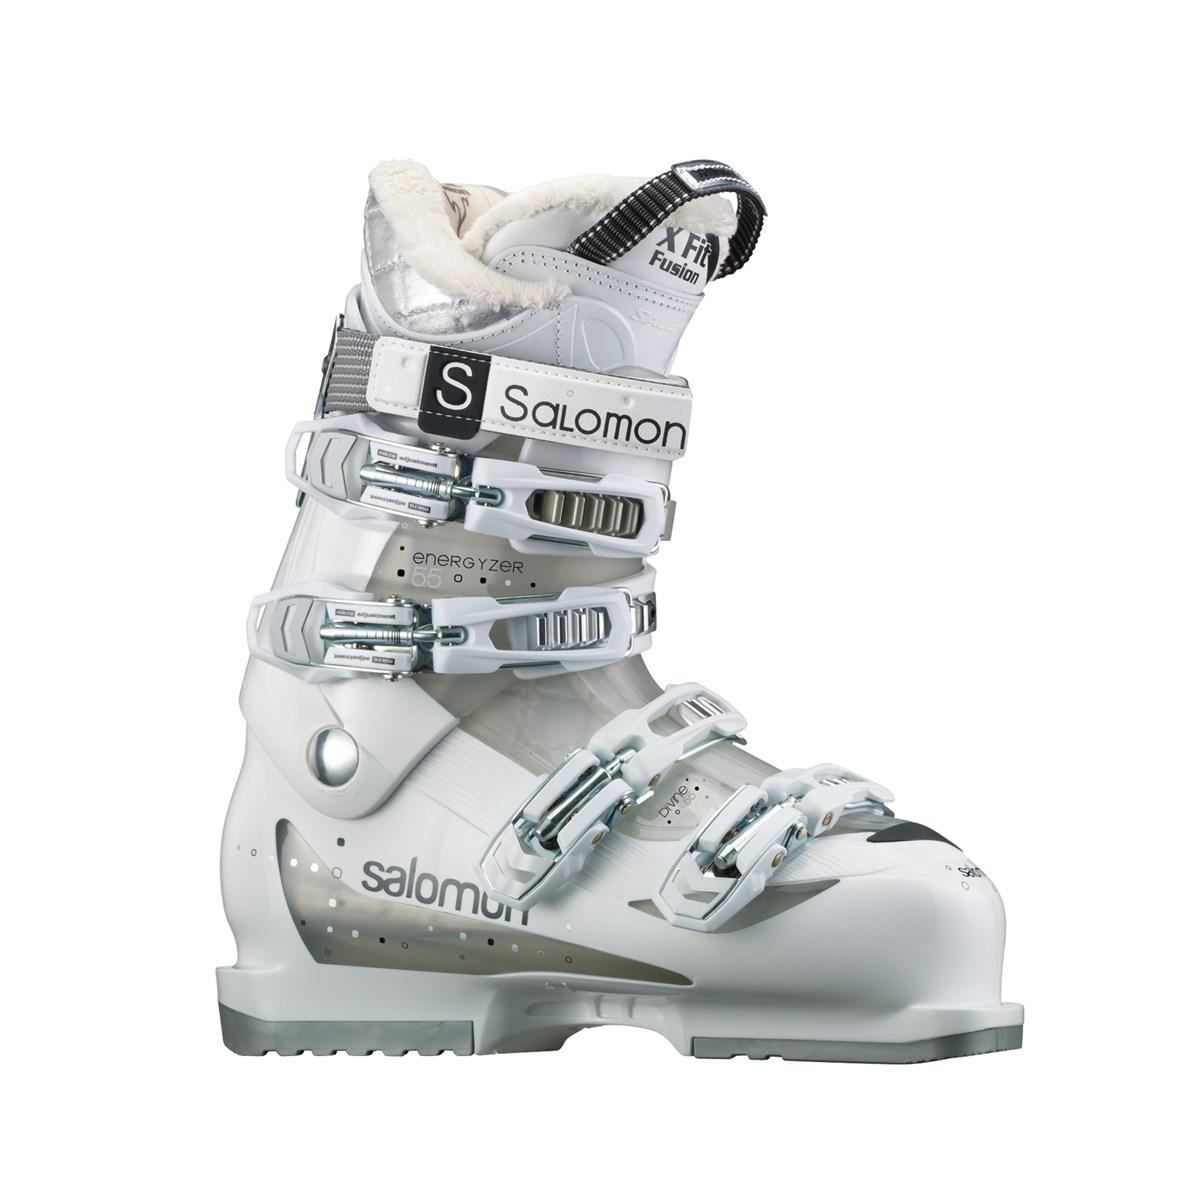 klassiske stilarter autoriseret websted nærmere kl 2014 Salomon Divine 55 Womens Ski Boots